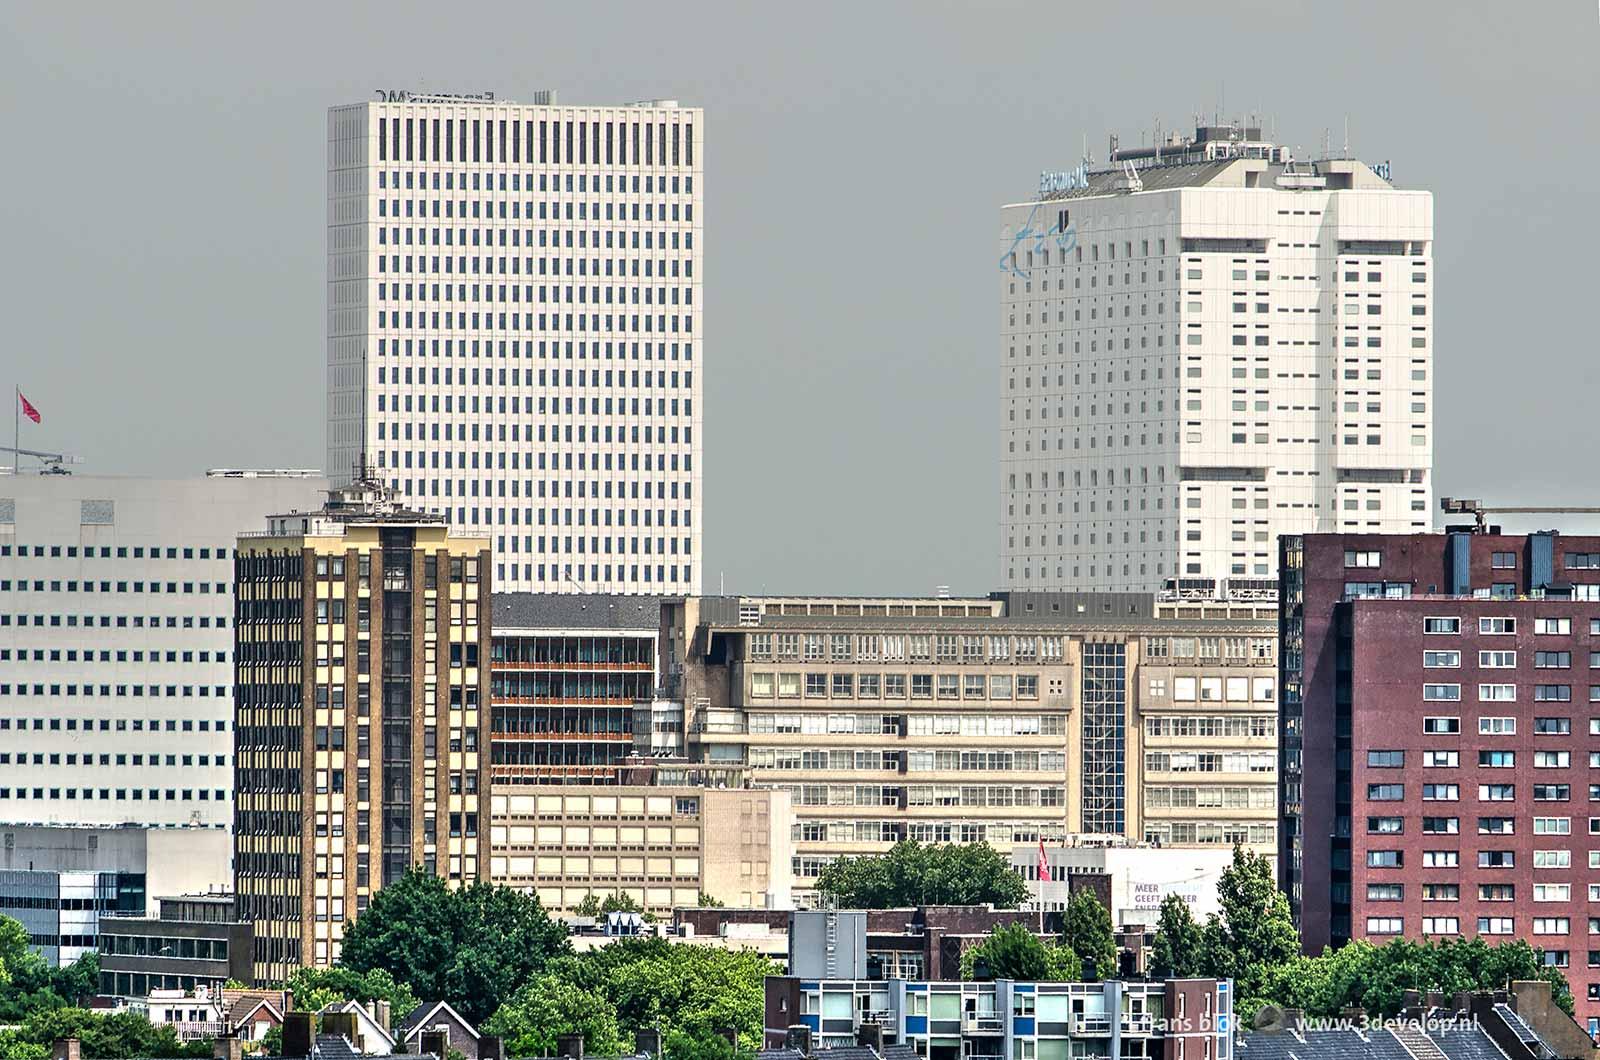 Het Erasmus MC in Rotterdam met daarvoor onder andere de voormalige GEB-toren